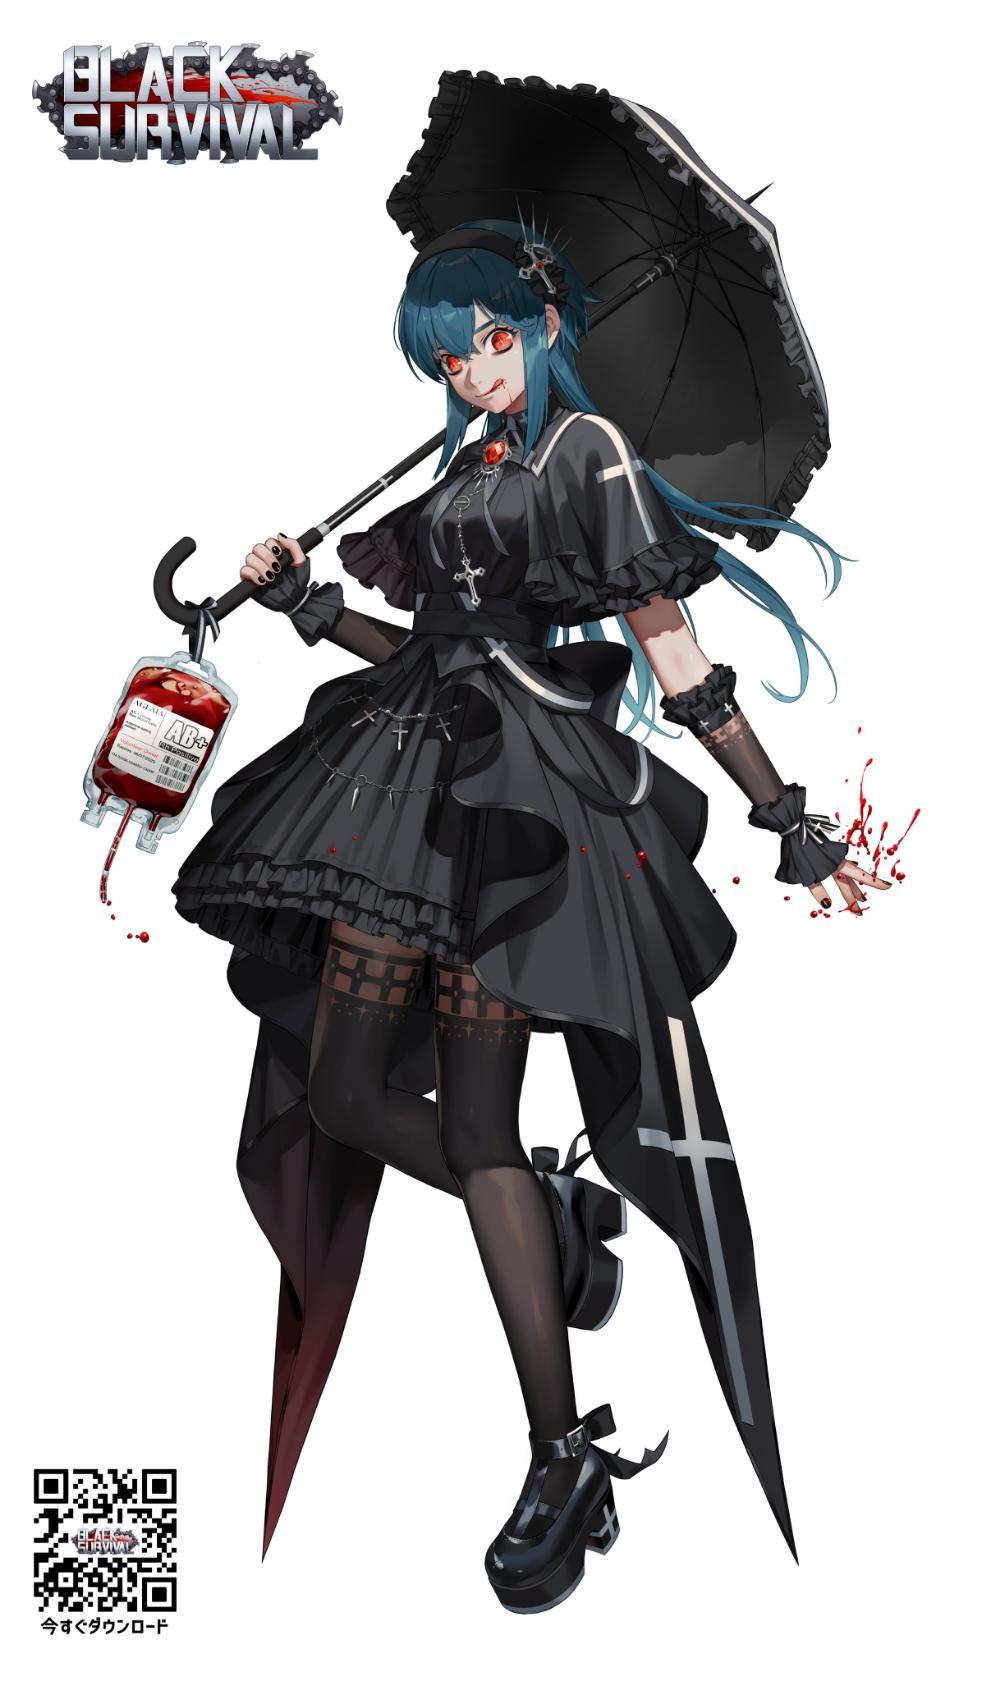 【公式】ブラサバ on Twitter in 2020 Anime character design